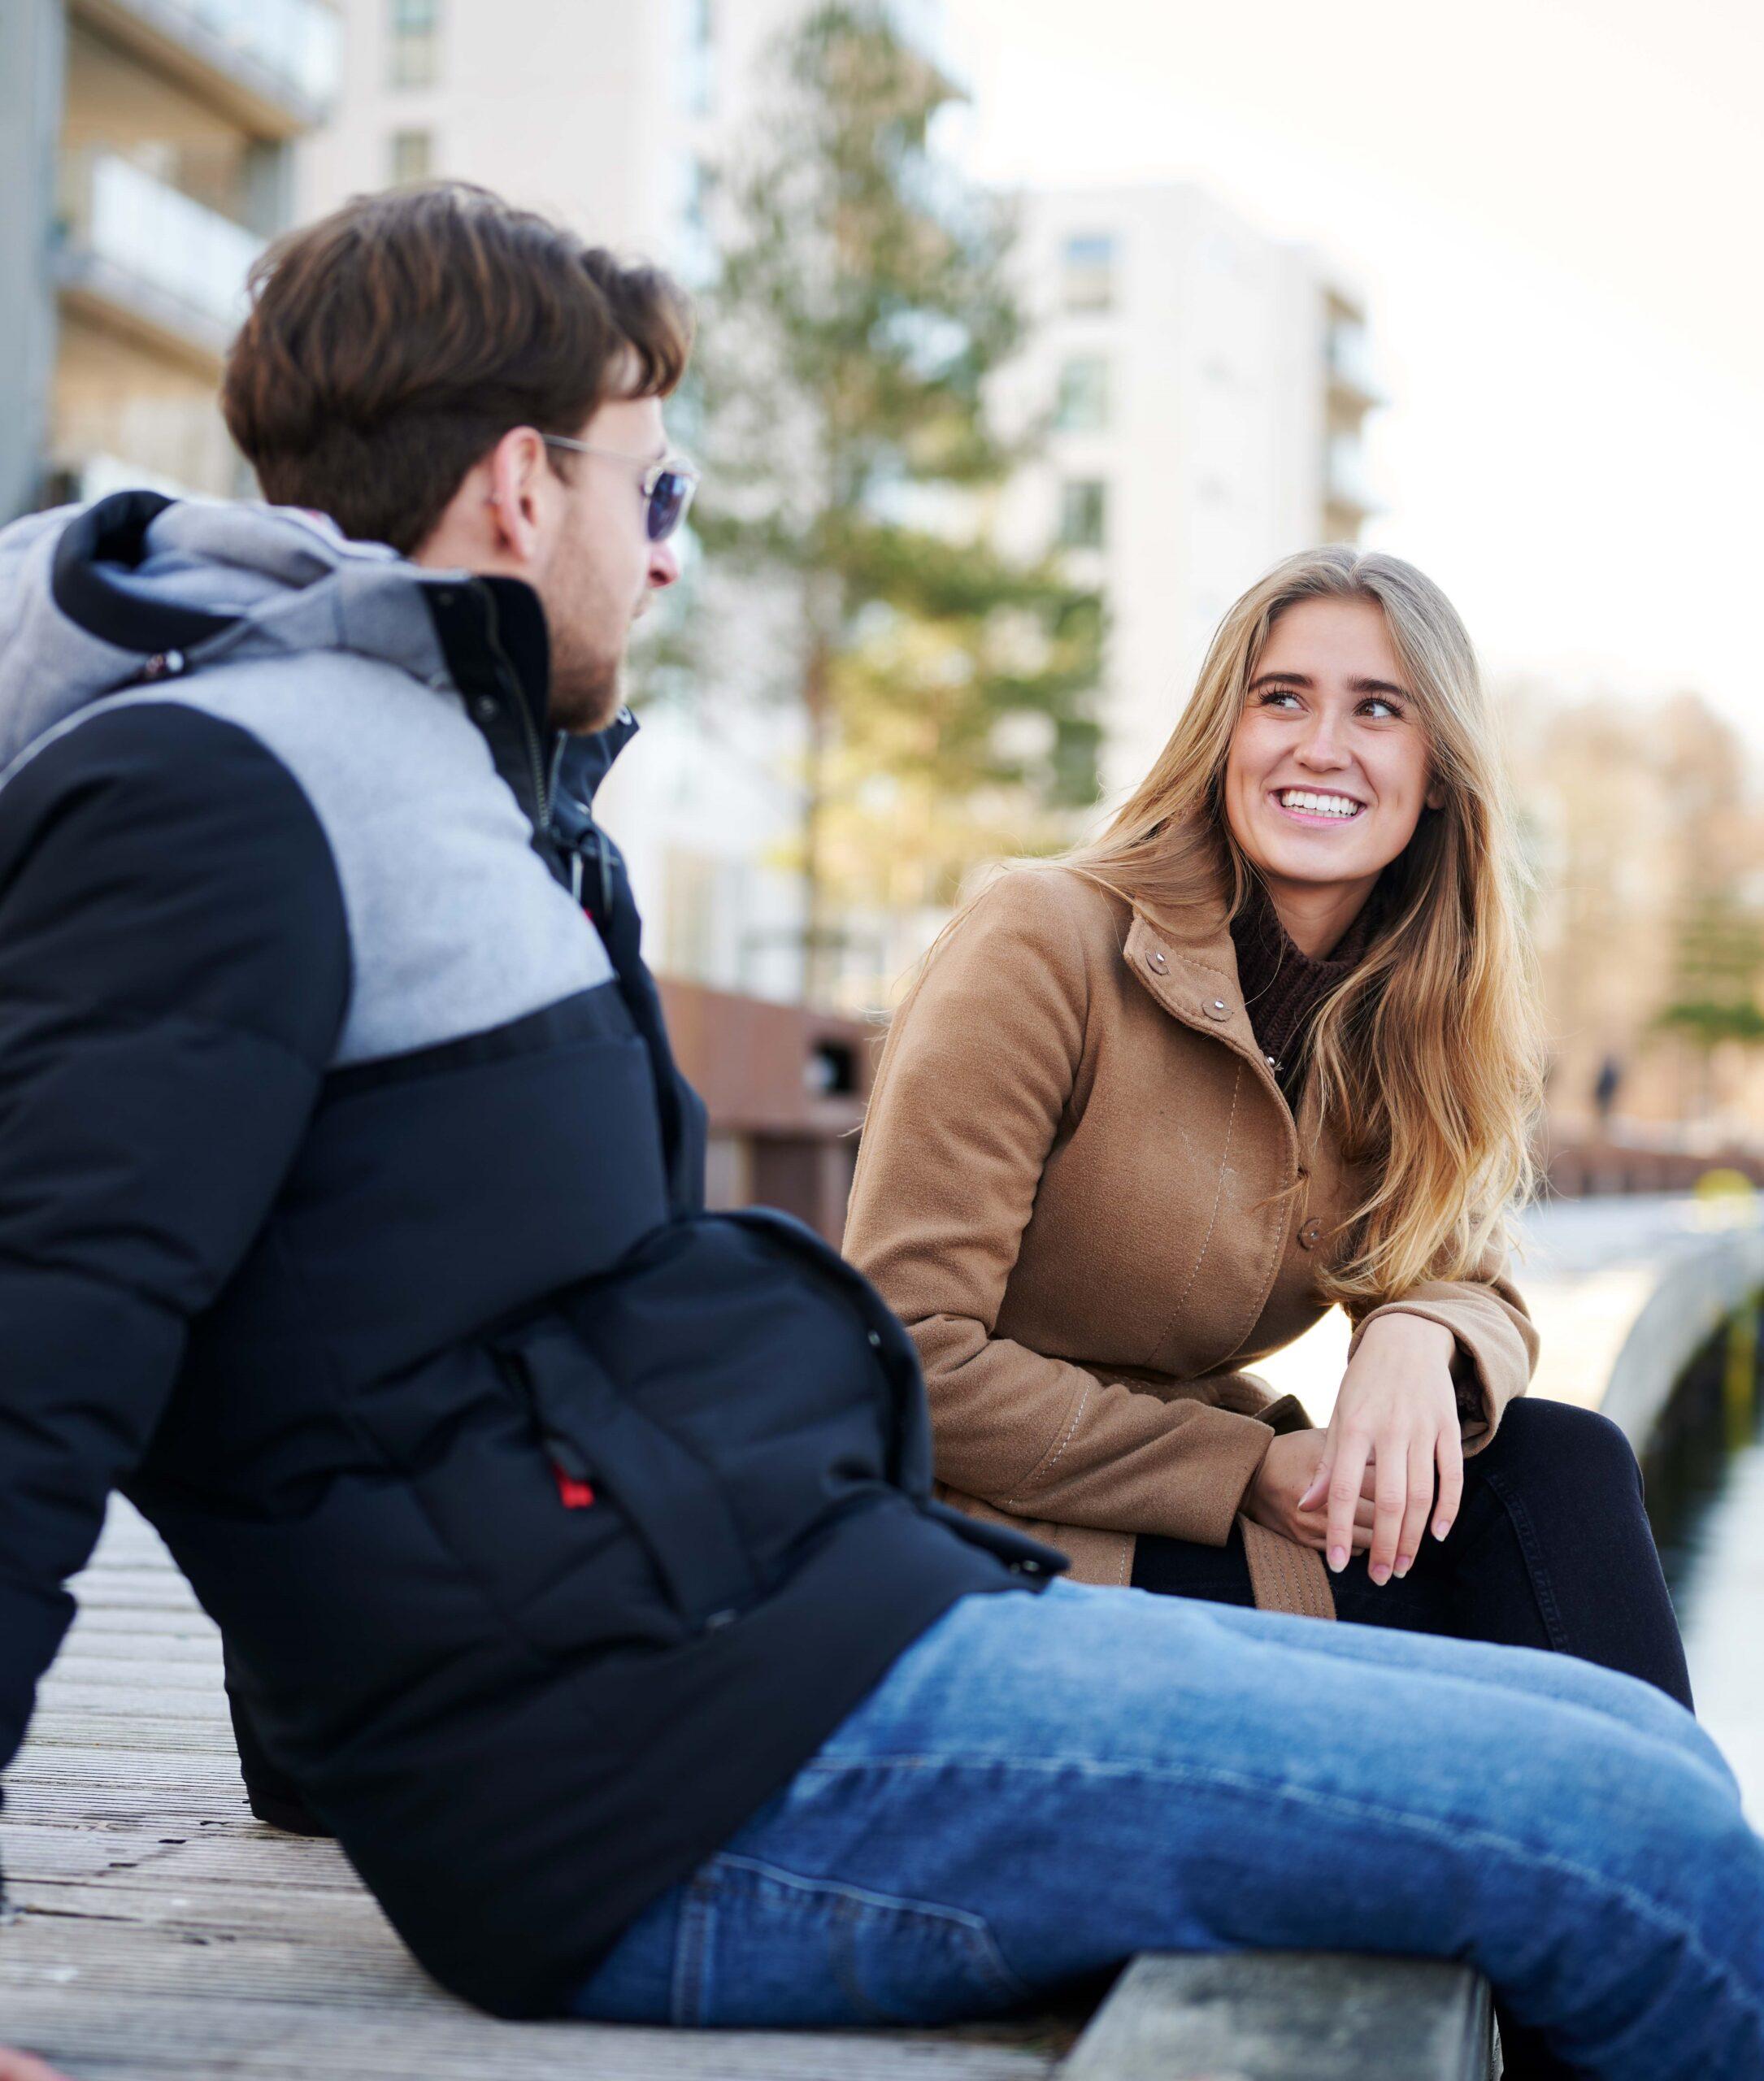 Kvinde og mand sidder og snakker ved havnen